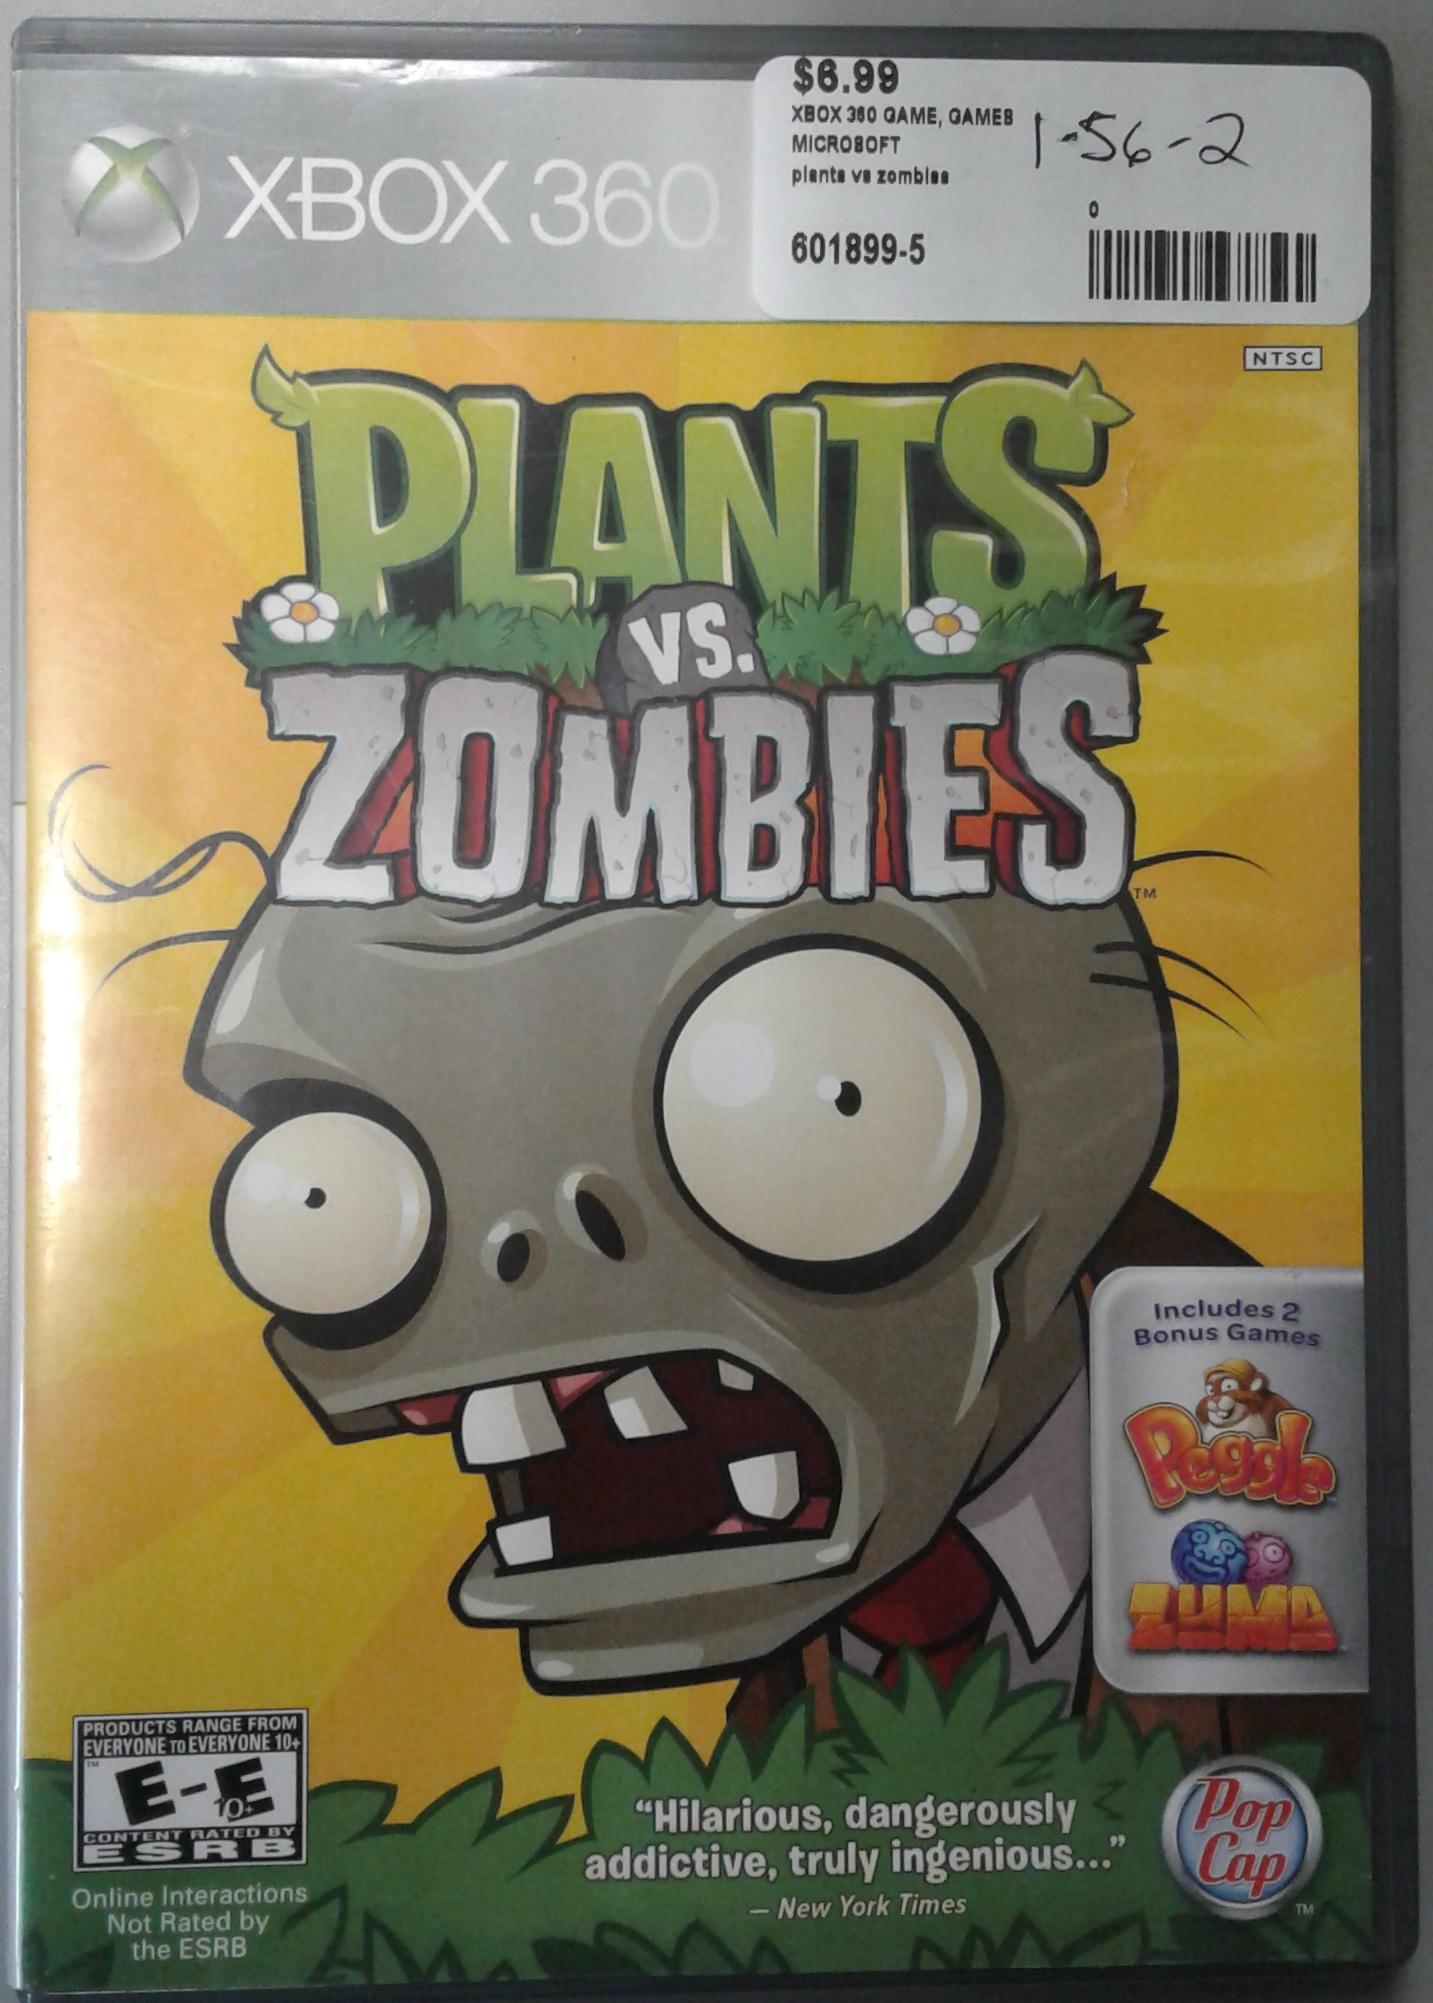 XBOX 360 PLANTS VS ZOMBIES